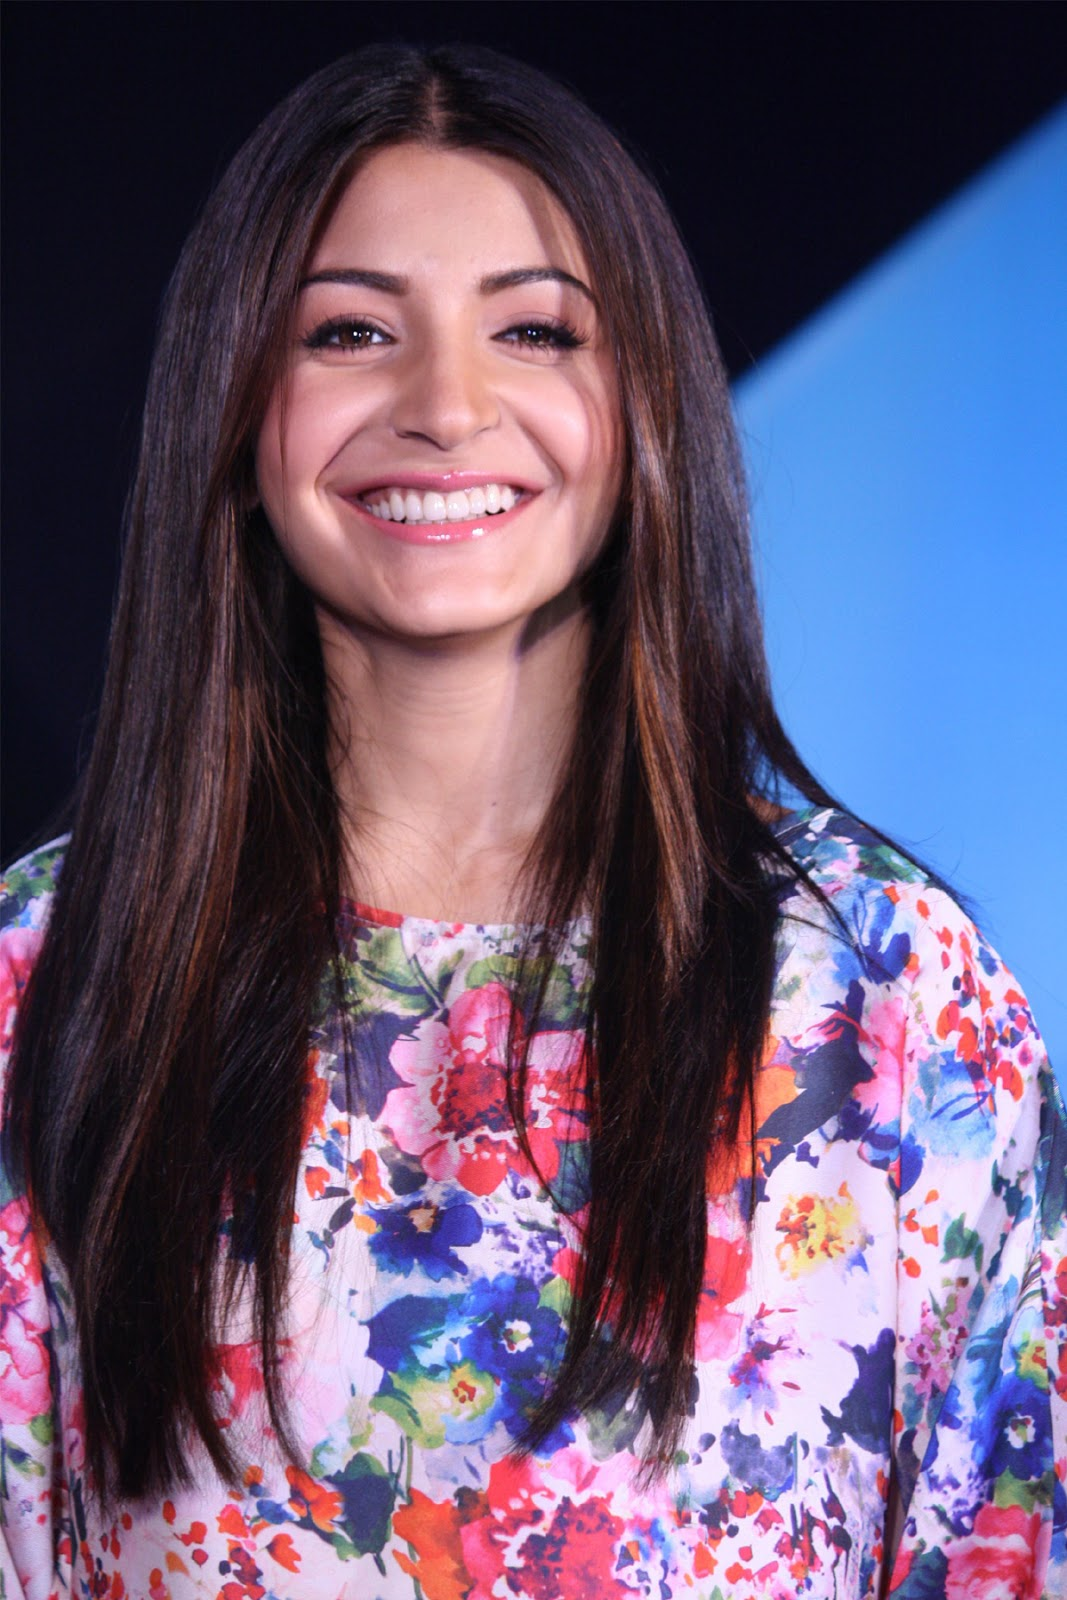 Happy Birthday to Anushka Sharma - May 1